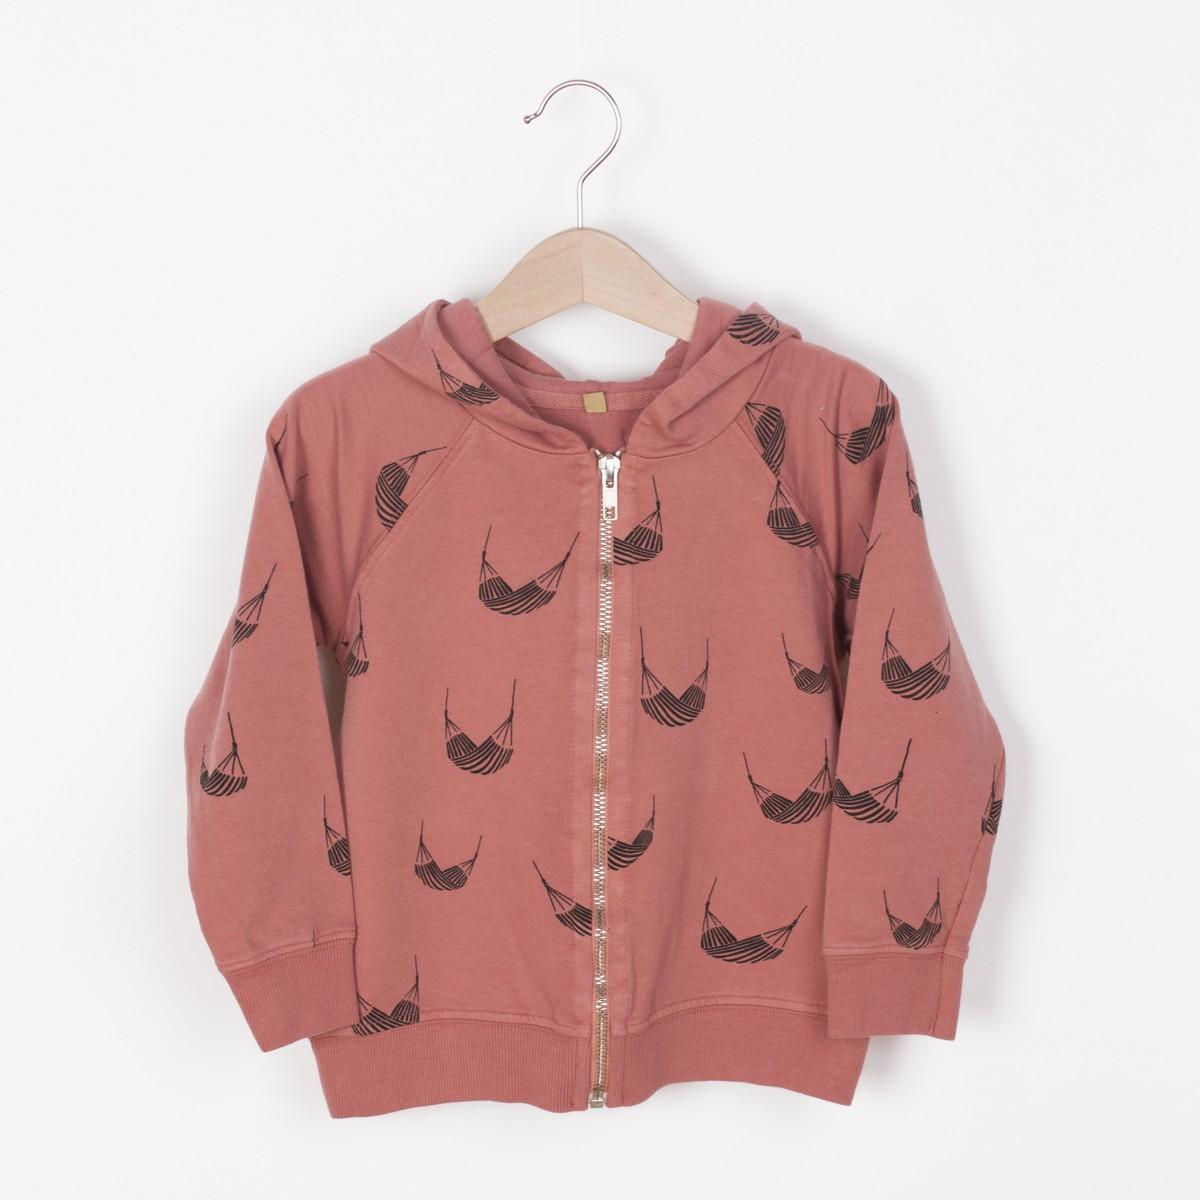 Hammocks hoodie